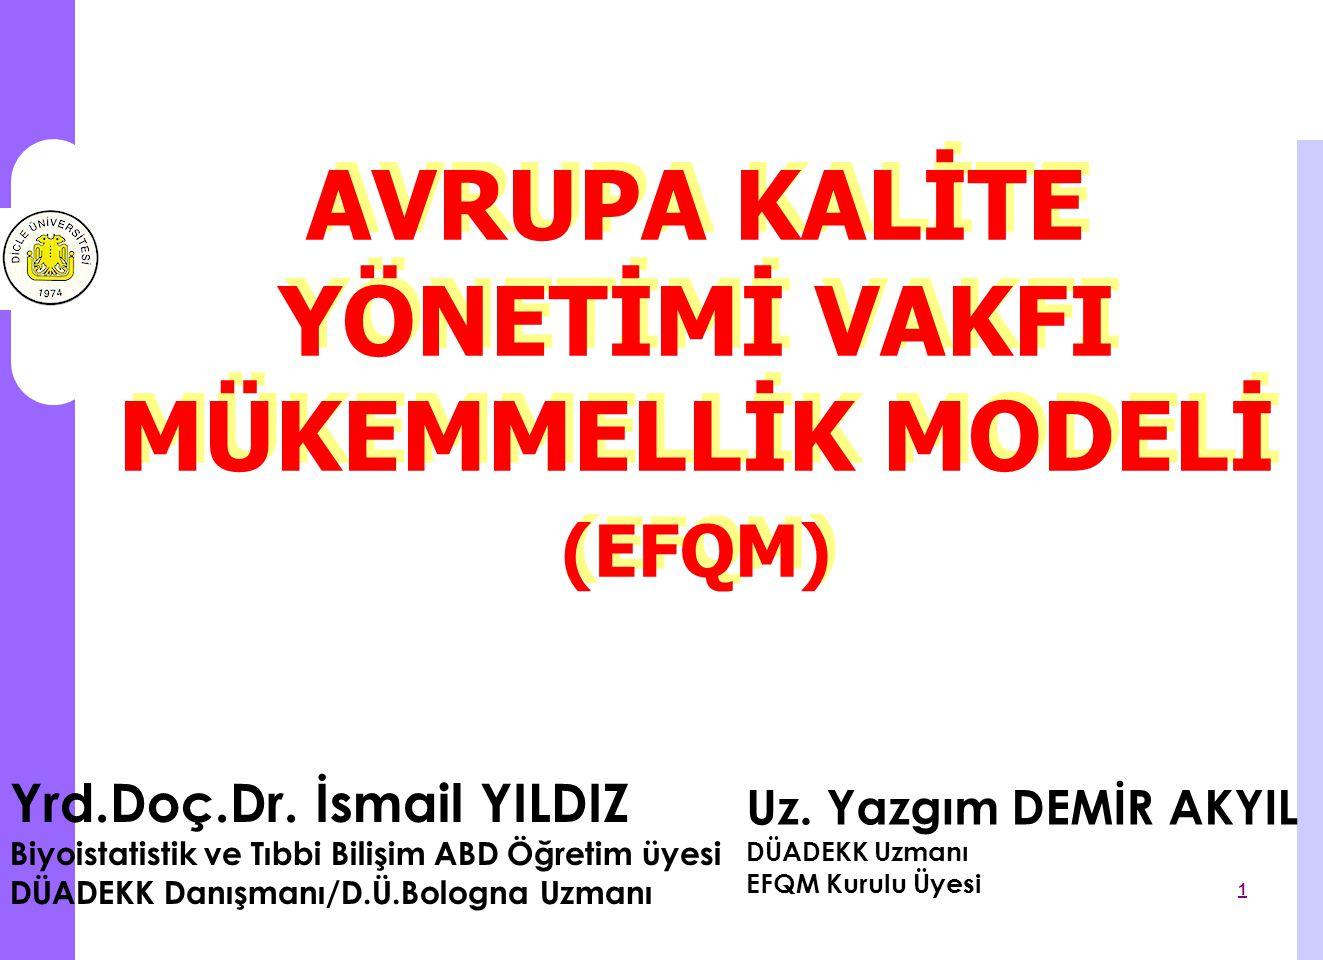 EFQM Mükemmellik Modeli 2 EFQM Mükemmellik Modeli, Avrupa Kalite Yönetimi Vakfı (EFQM) tarafından geliştirilen, Yönetim Sistemini Geliştirme Aracıdır